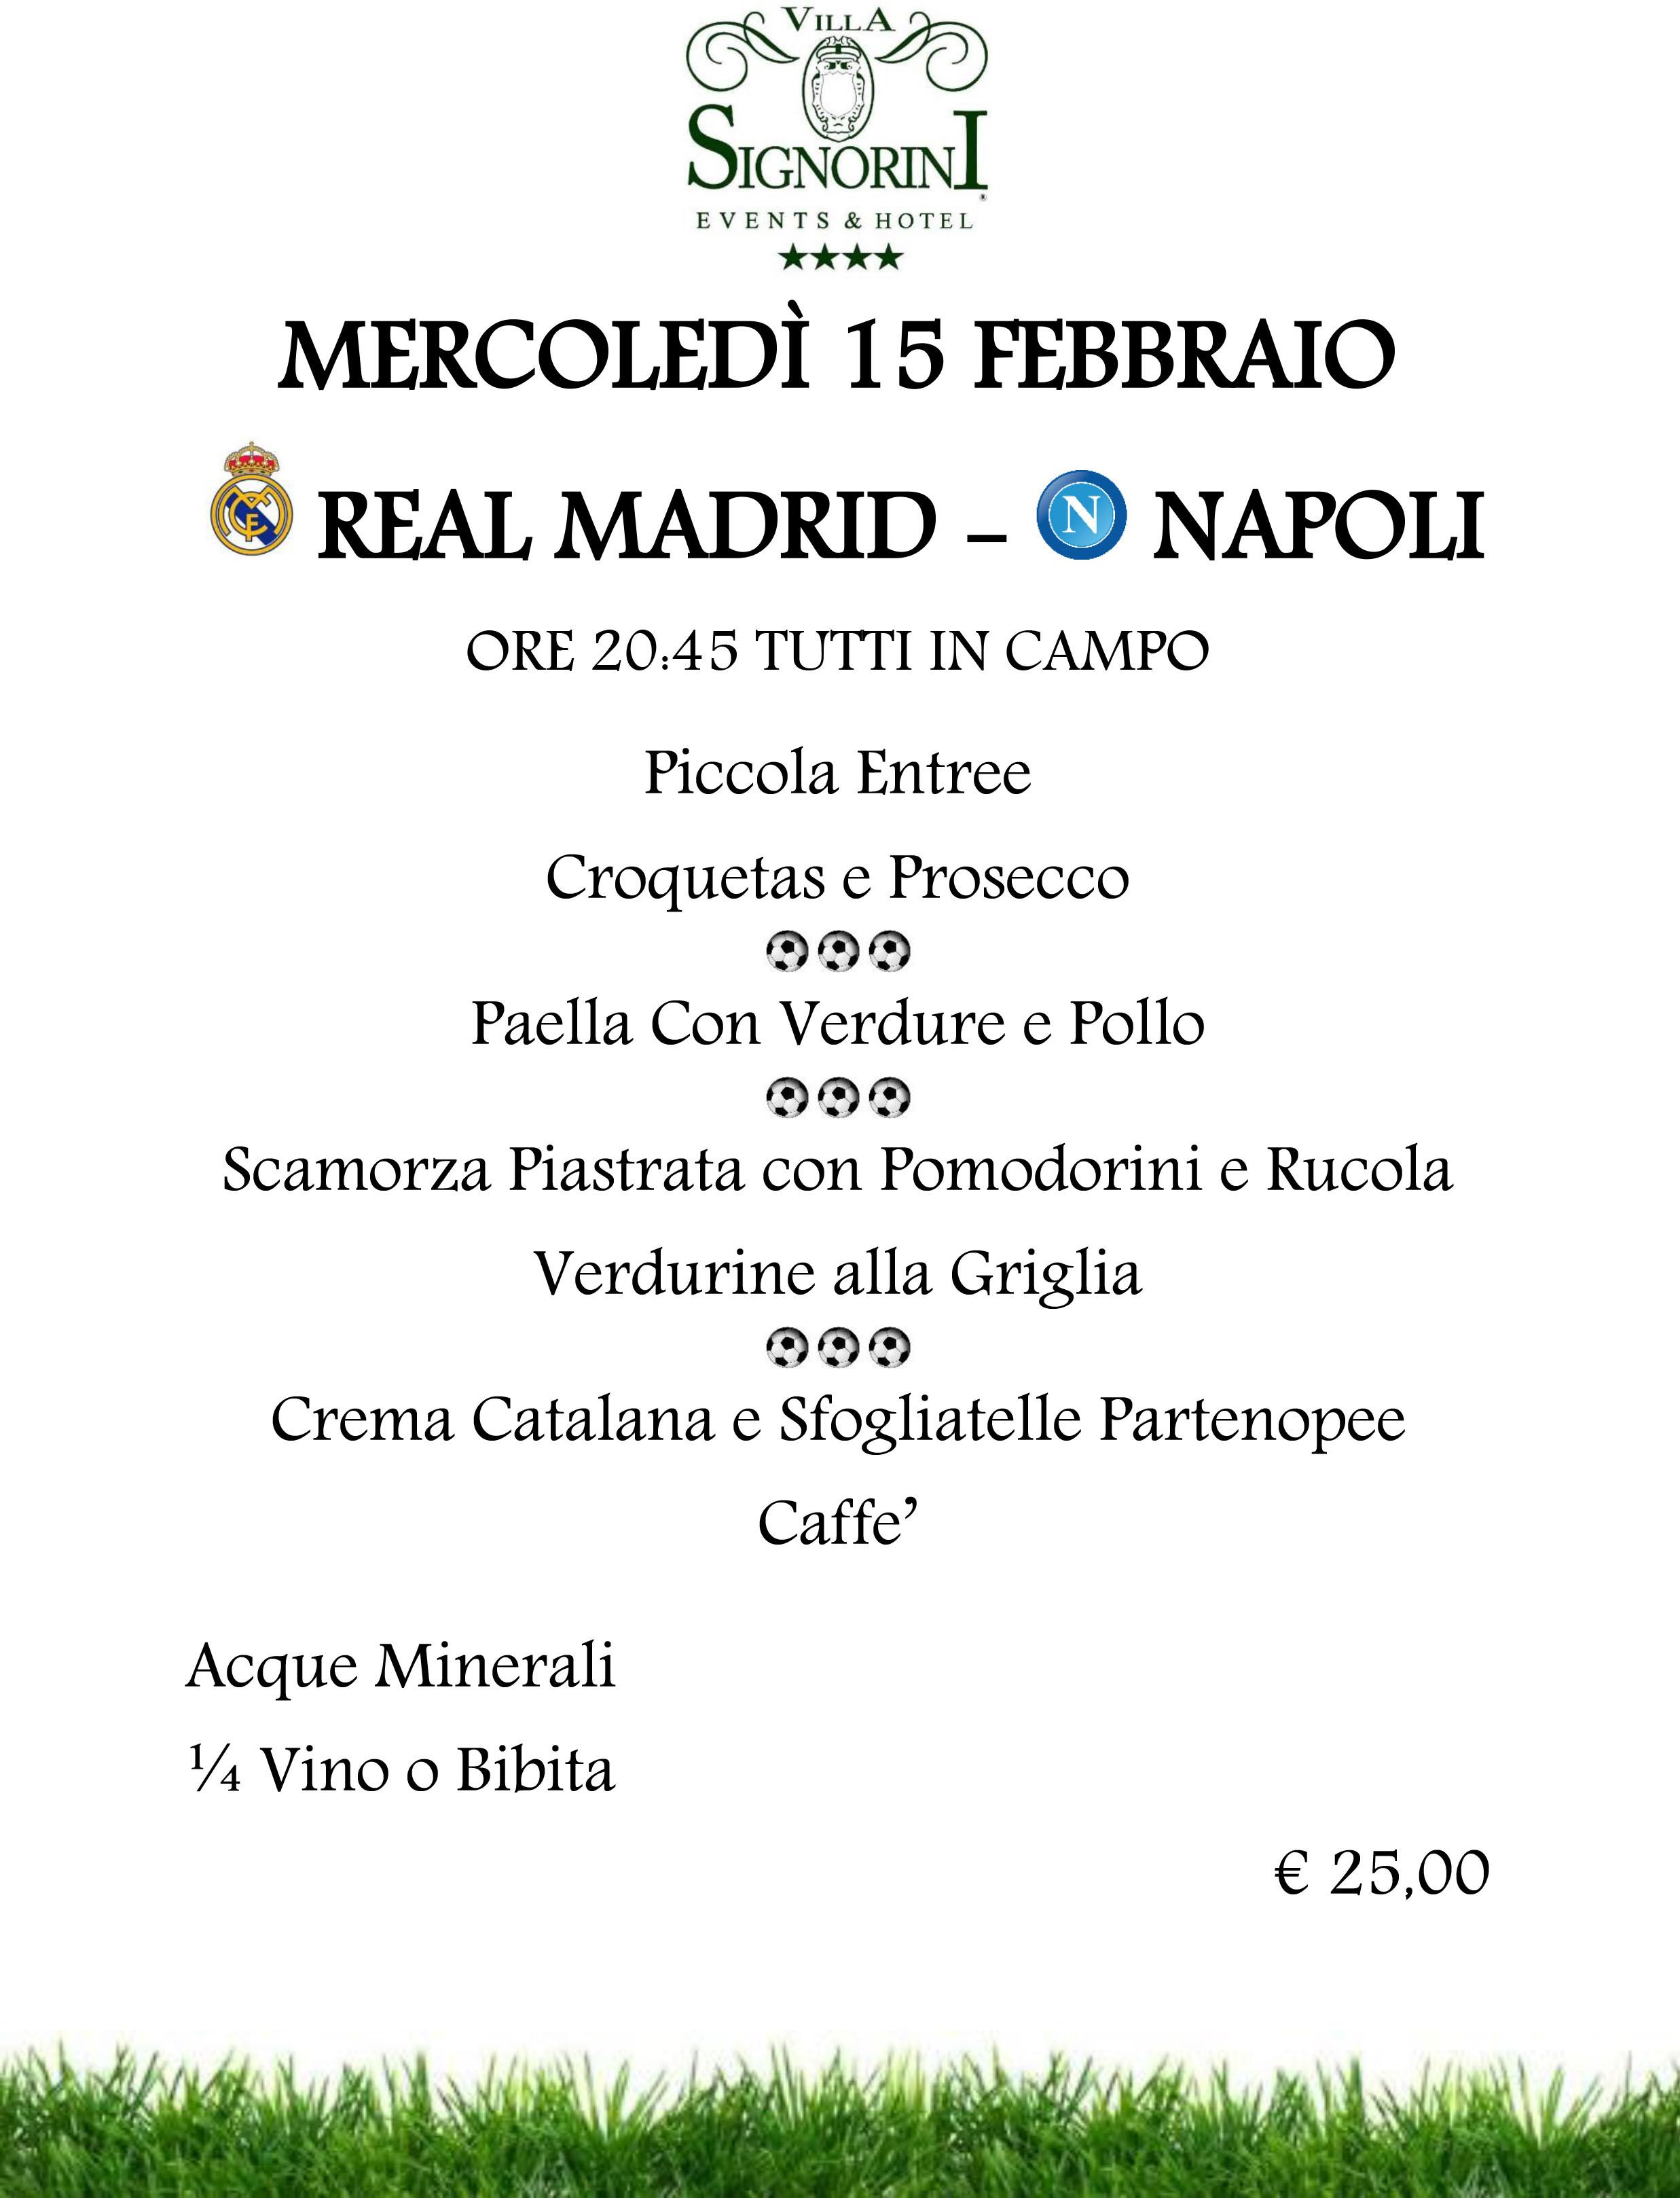 Real Madrid - Napoli tutti in campo